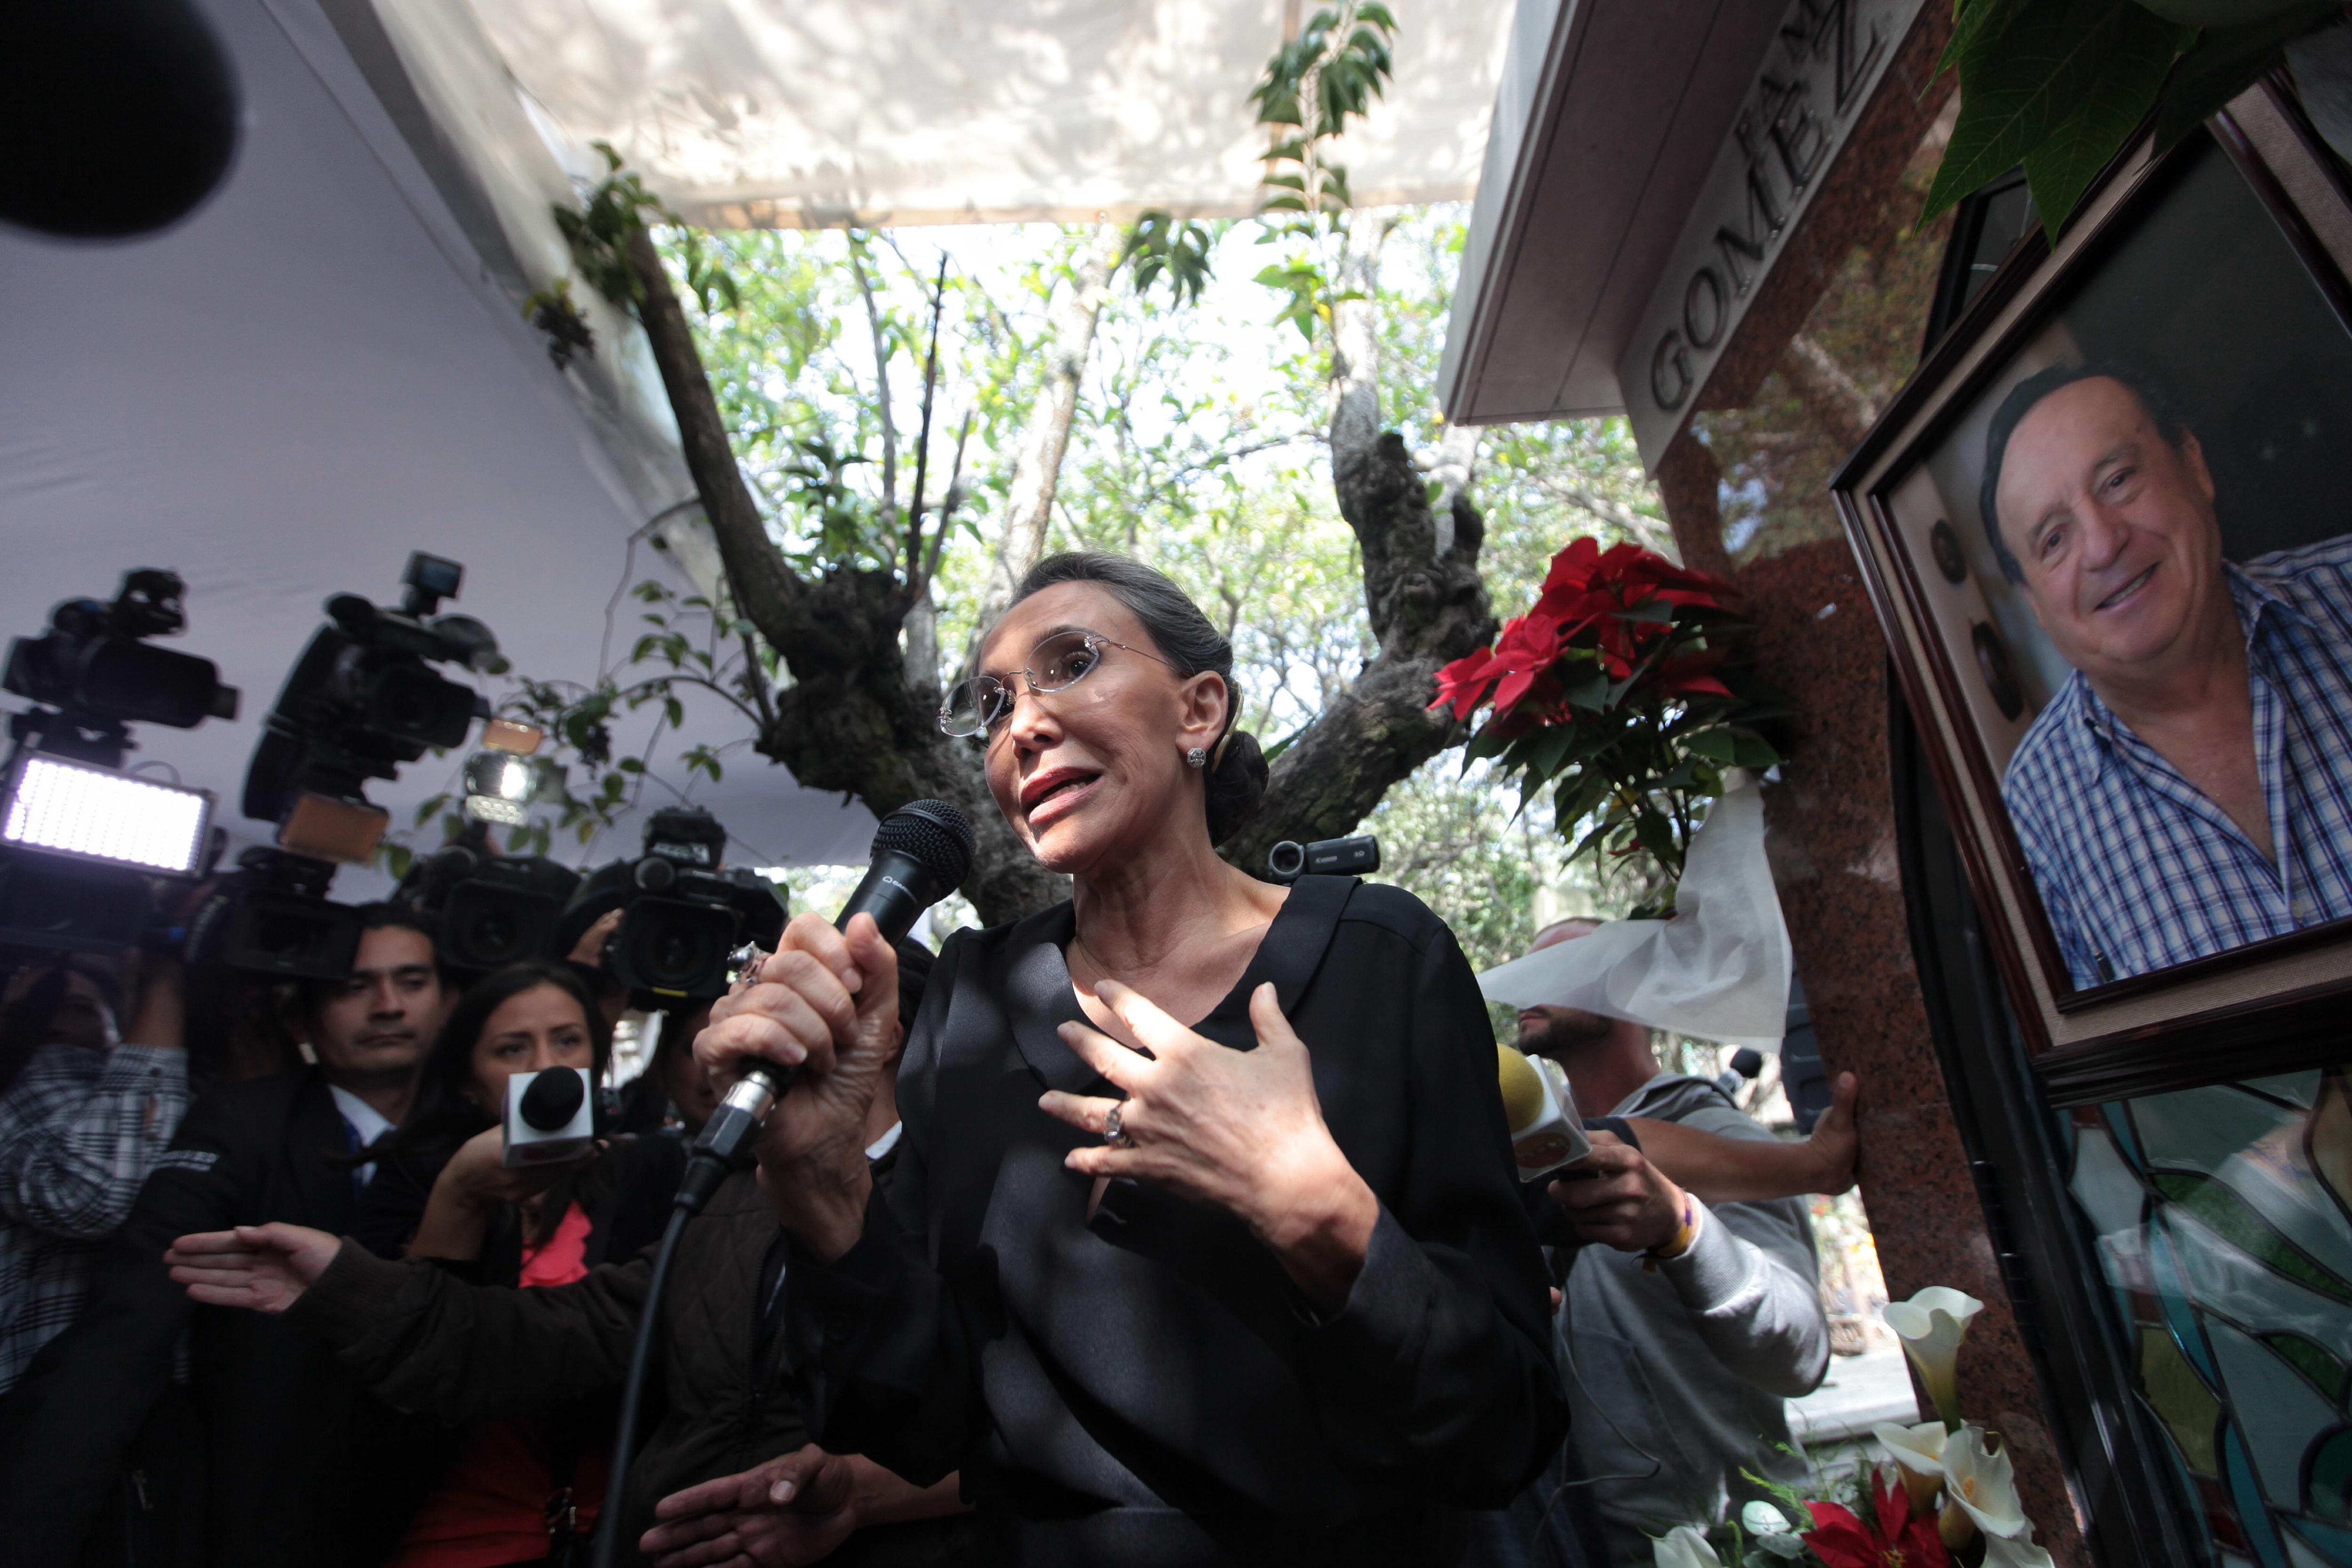 """MEX33. CIUDAD DE MÉXICO (MÉXICO), 28/11/2015.- La actriz Florinda Meza, viuda de Roberto Gómez Bolaños """"Chespirito"""", asiste a una misa por el primer aniversario de la muerte de su esposo hoy, sábado 28 de noviembre de 2015, en Ciudad de México (México). Una emotiva misa a la que asistió un centenar de personas recordó hoy en la Ciudad de México al icónico comediante mexicano Roberto Gómez Bolaños """"Chespirito"""", en el primer aniversario de la muerte. EFE/Sáshenka Gutiérrez"""